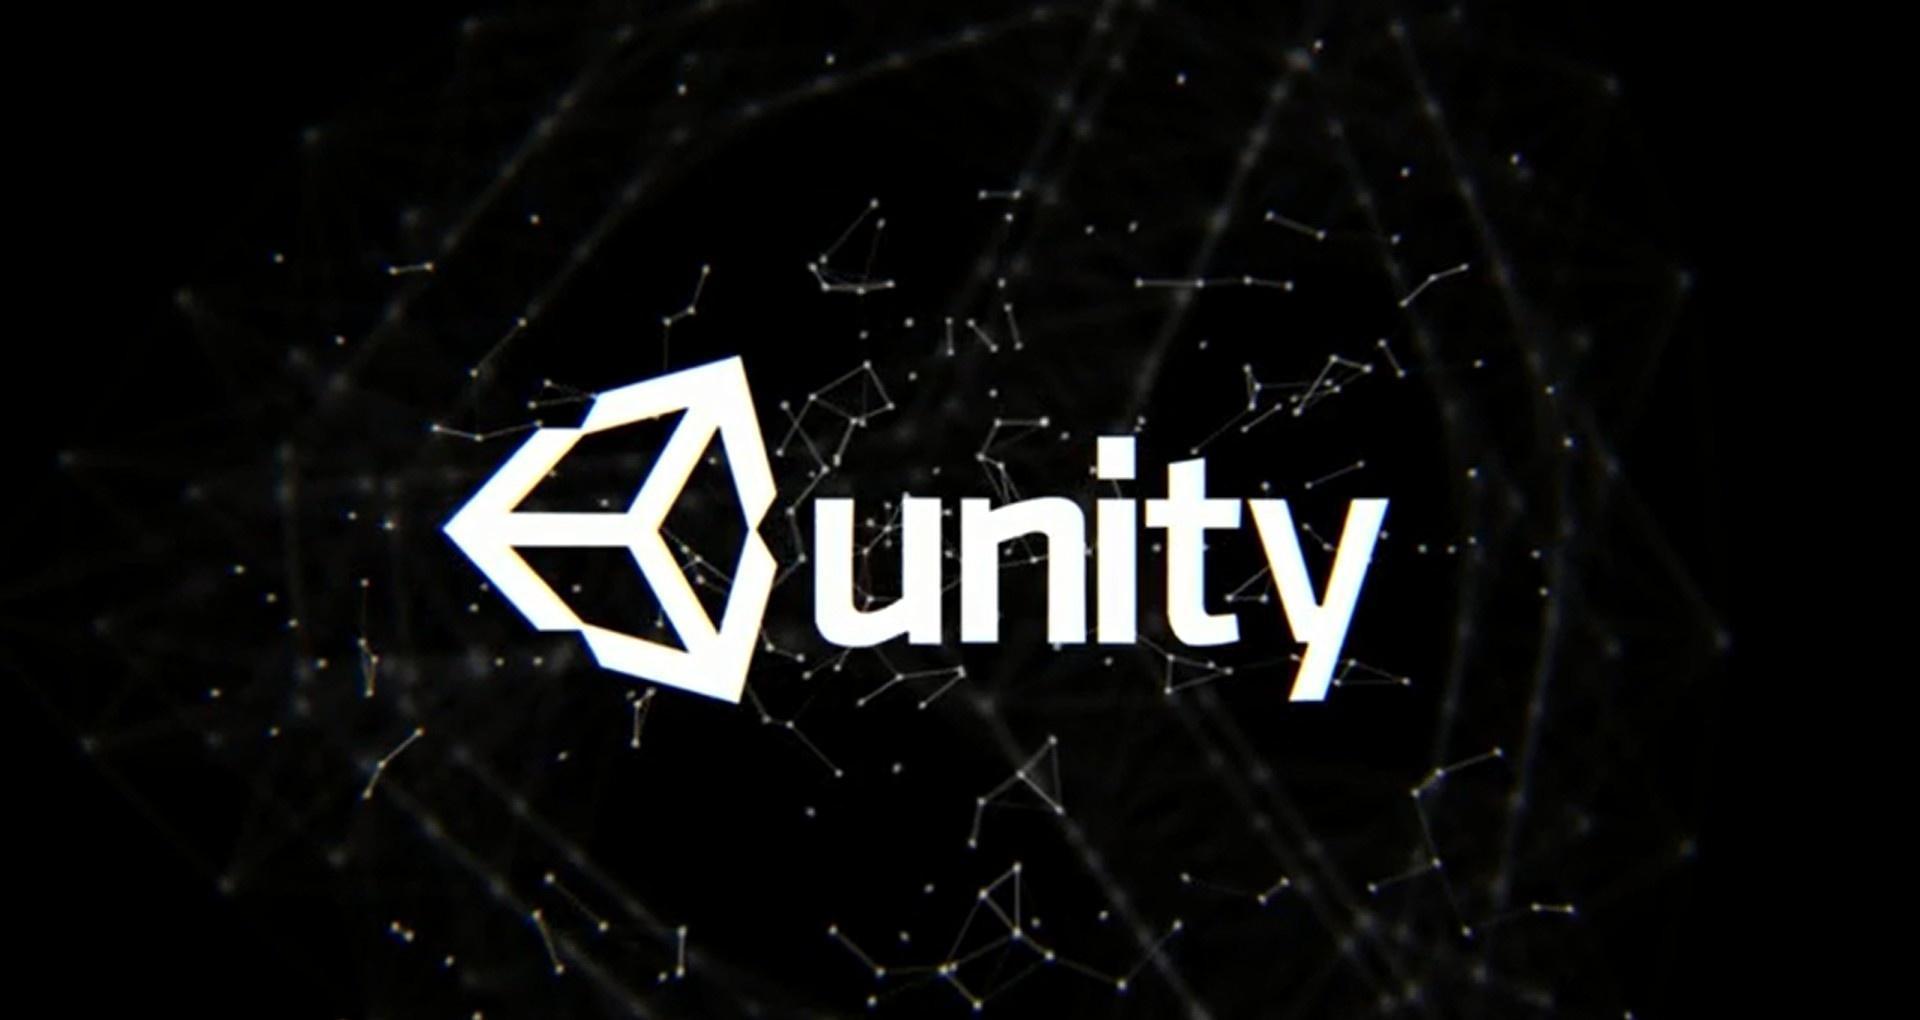 微软的AR / VR Unity框架现在正式支持Oculus Quest